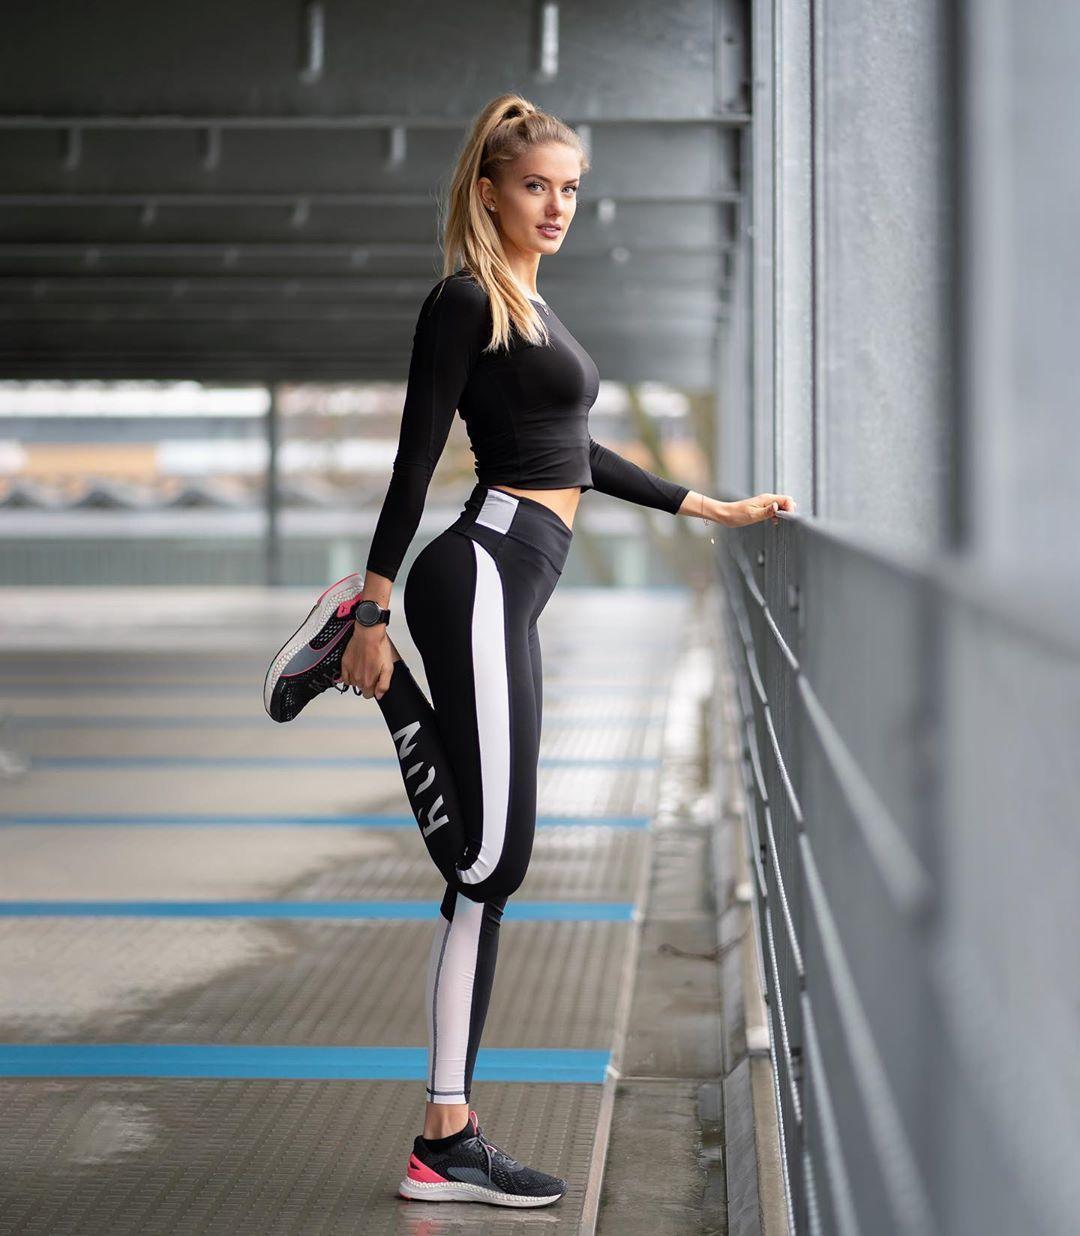 Алиса Шмидт- немецкая бегунья, 21 год.